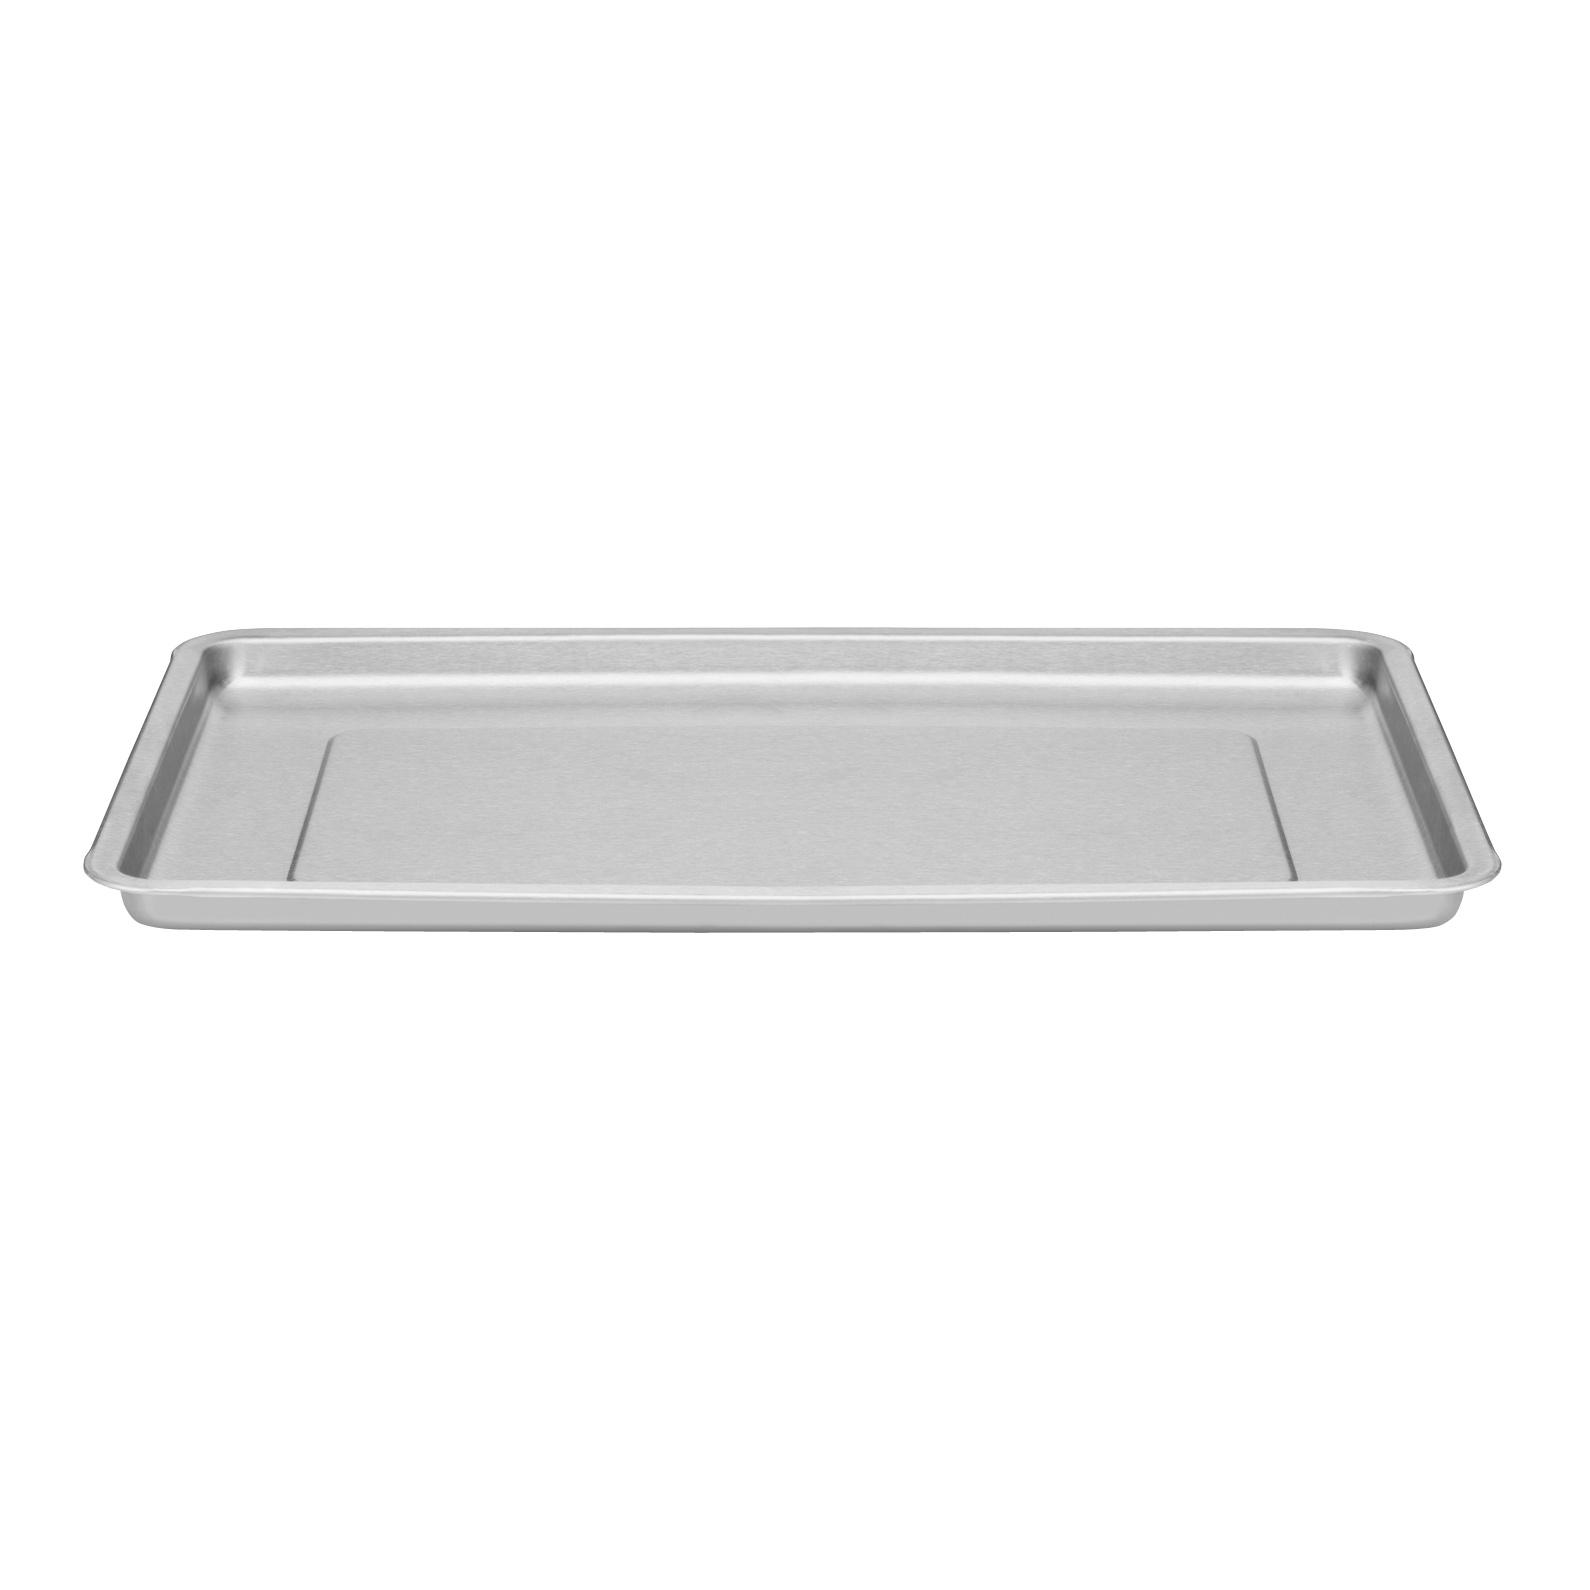 Waring WCO500TR bun / sheet pan